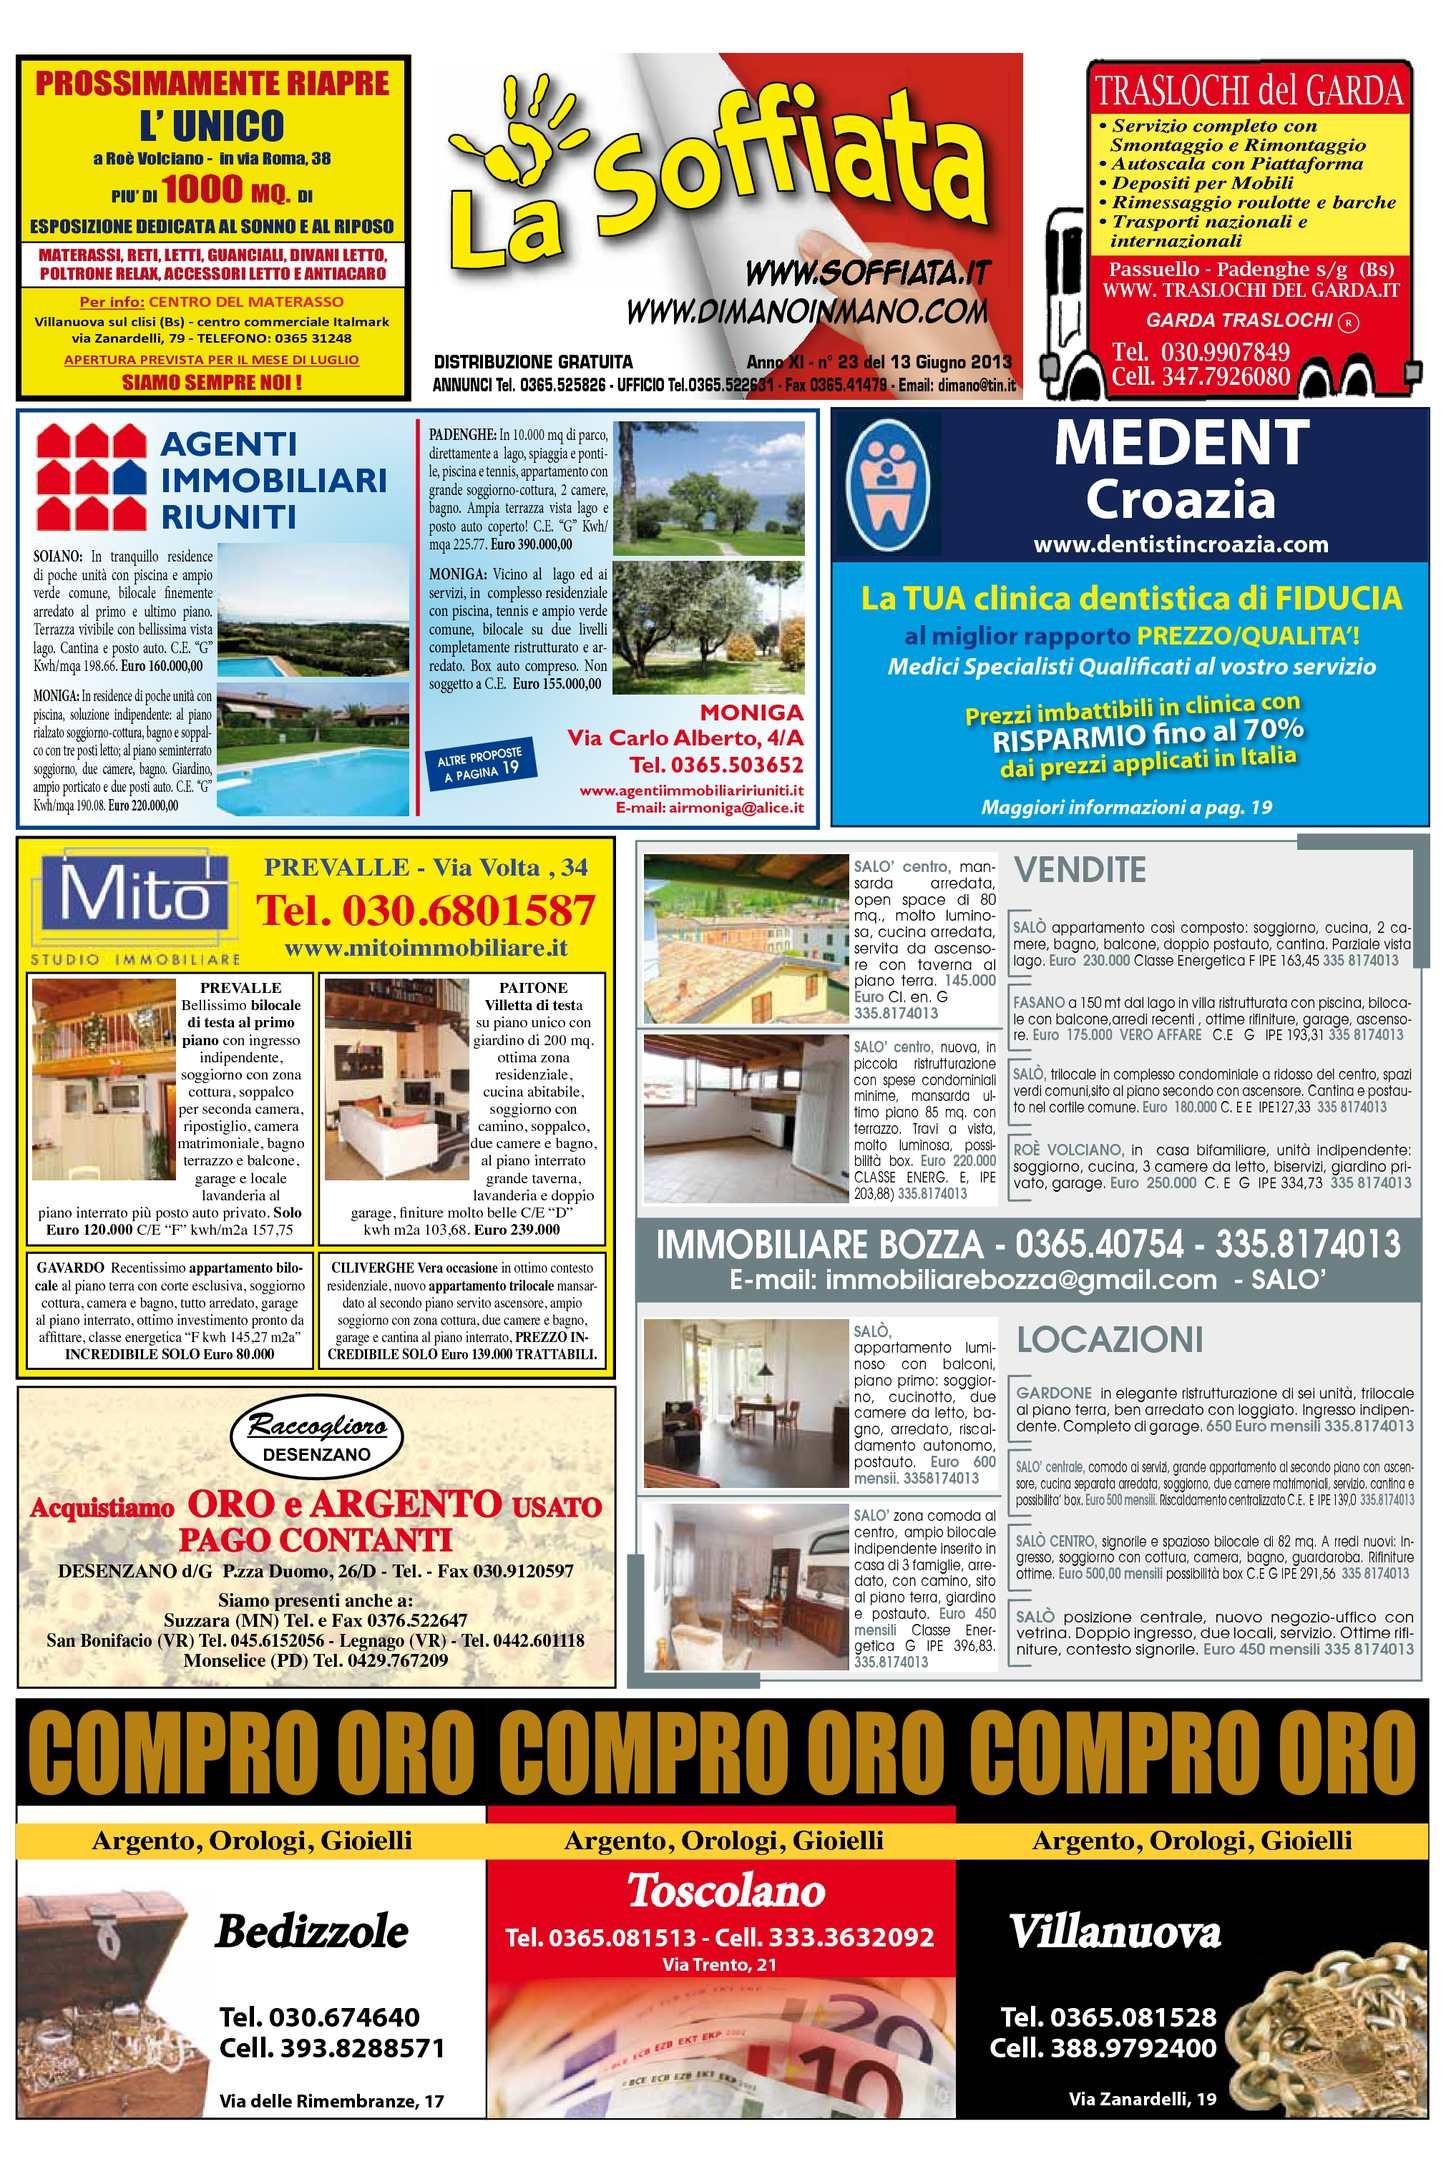 Calaméo - La soffiata 13 06 2013 42ece2bb2f6